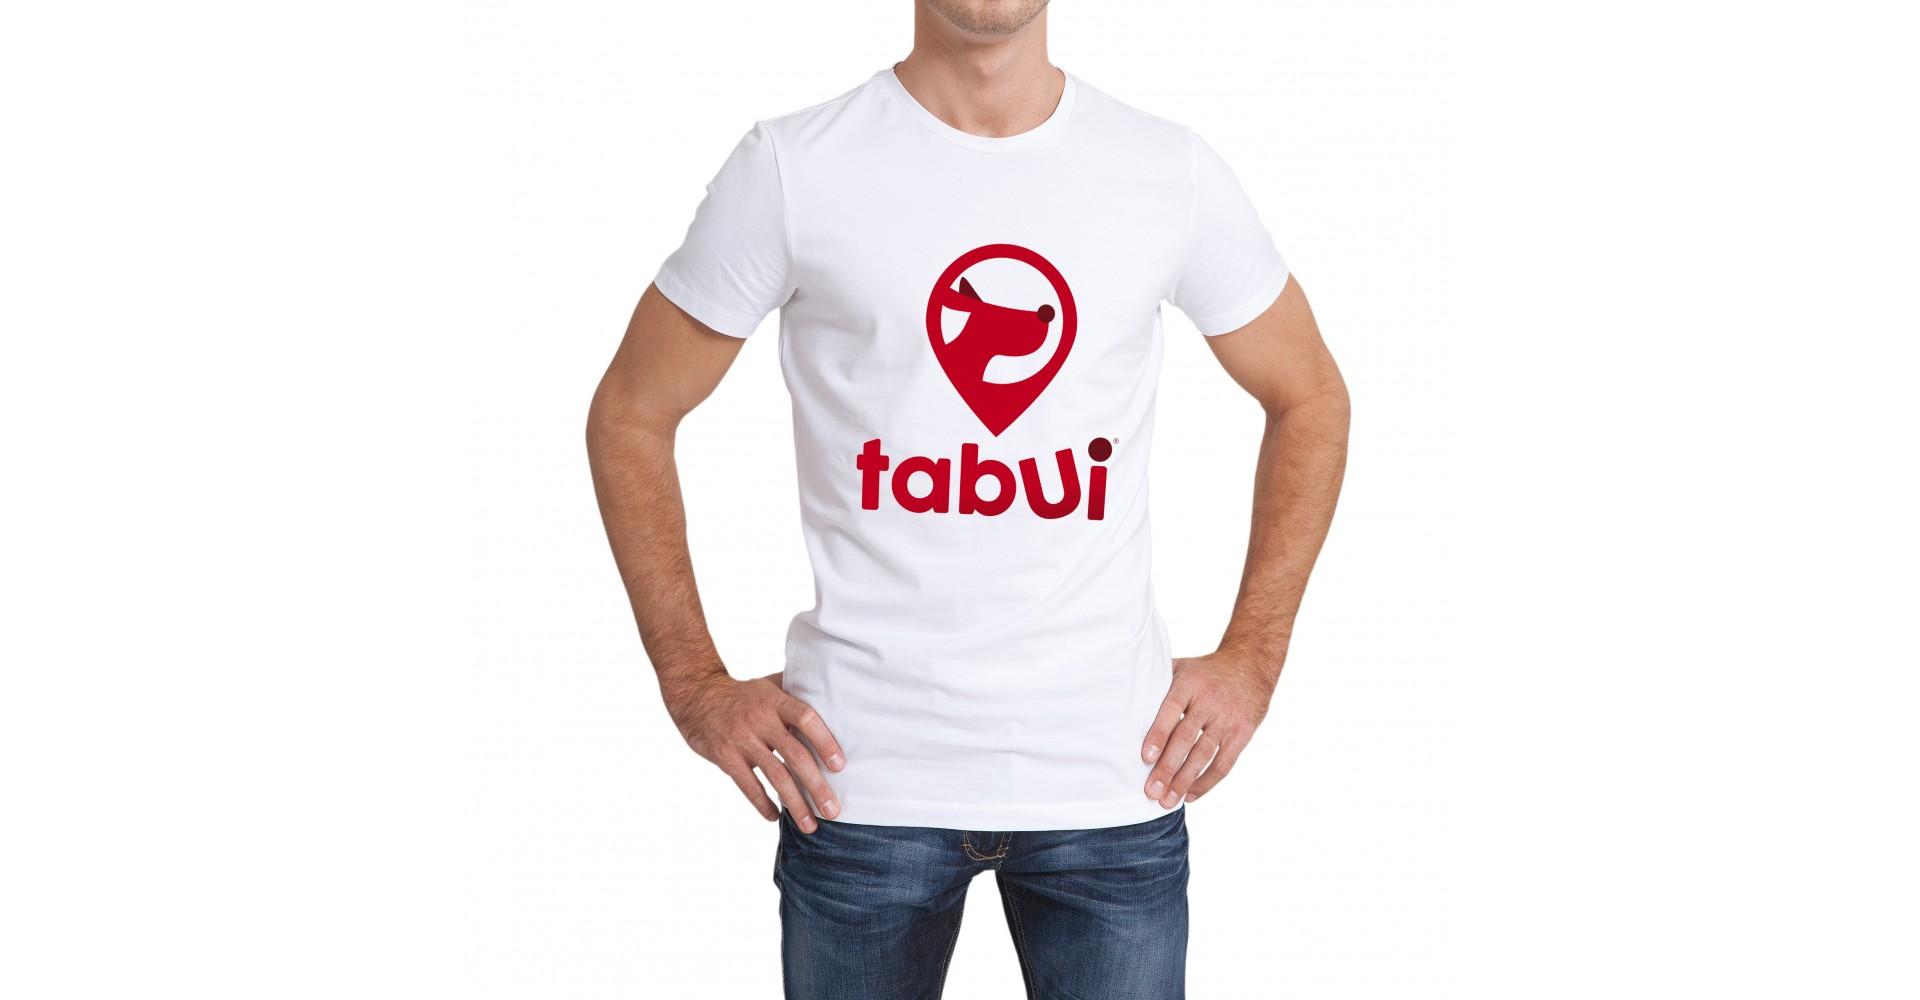 Maglietta Tabui - Uomo